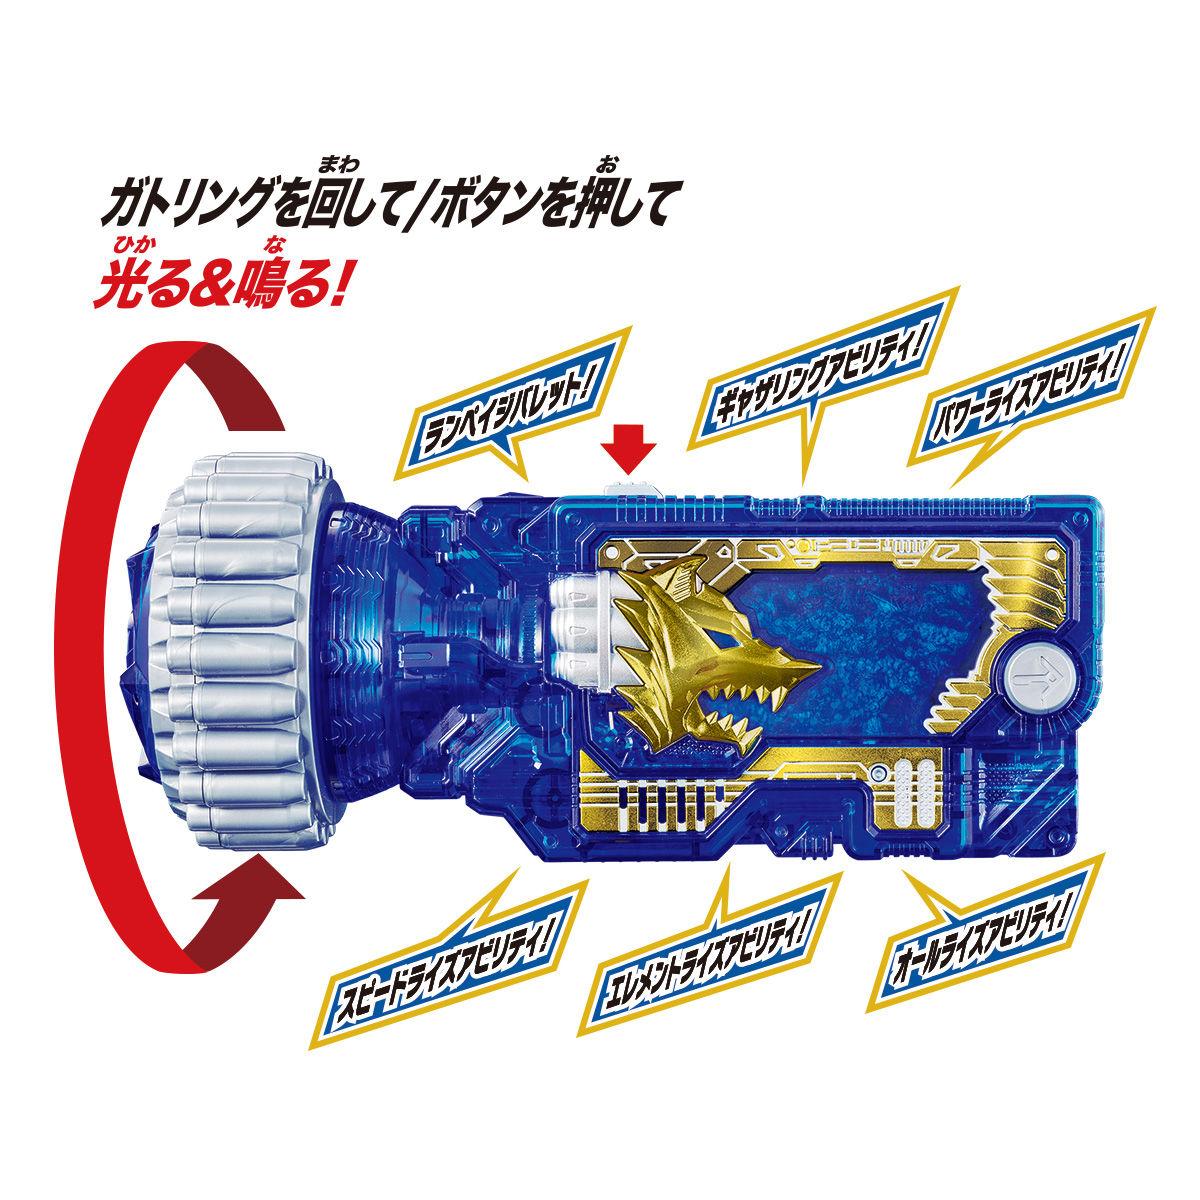 仮面ライダーゼロワン『DXランペイジガトリングプログライズキー』変身なりきり-008